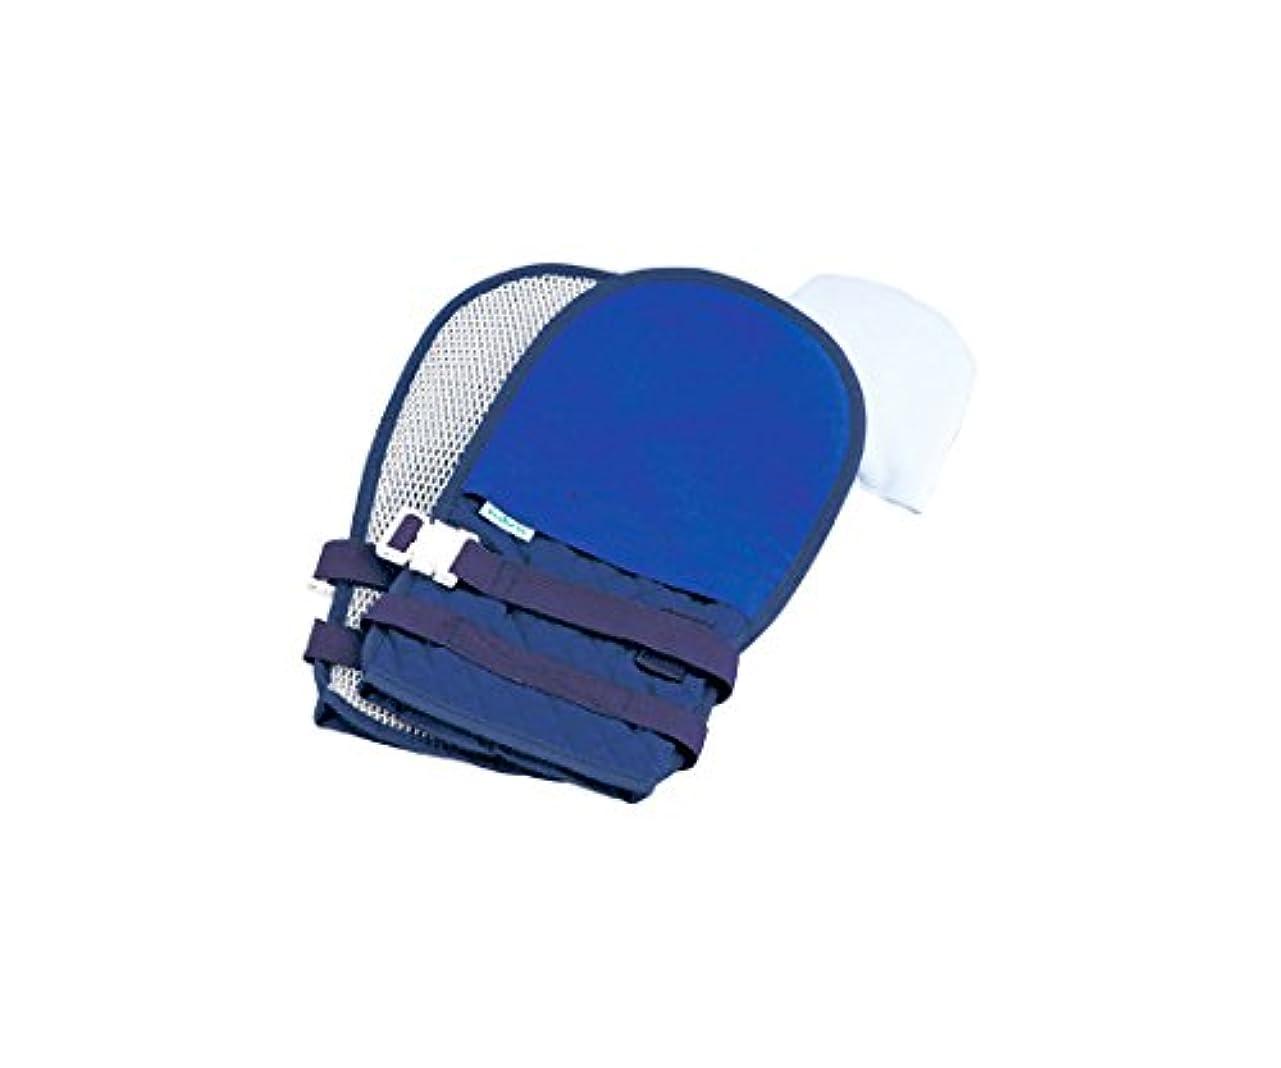 愛情深い標高ジャンクションナビス(アズワン)0-1638-62抜管防止手袋中キルティングブルー